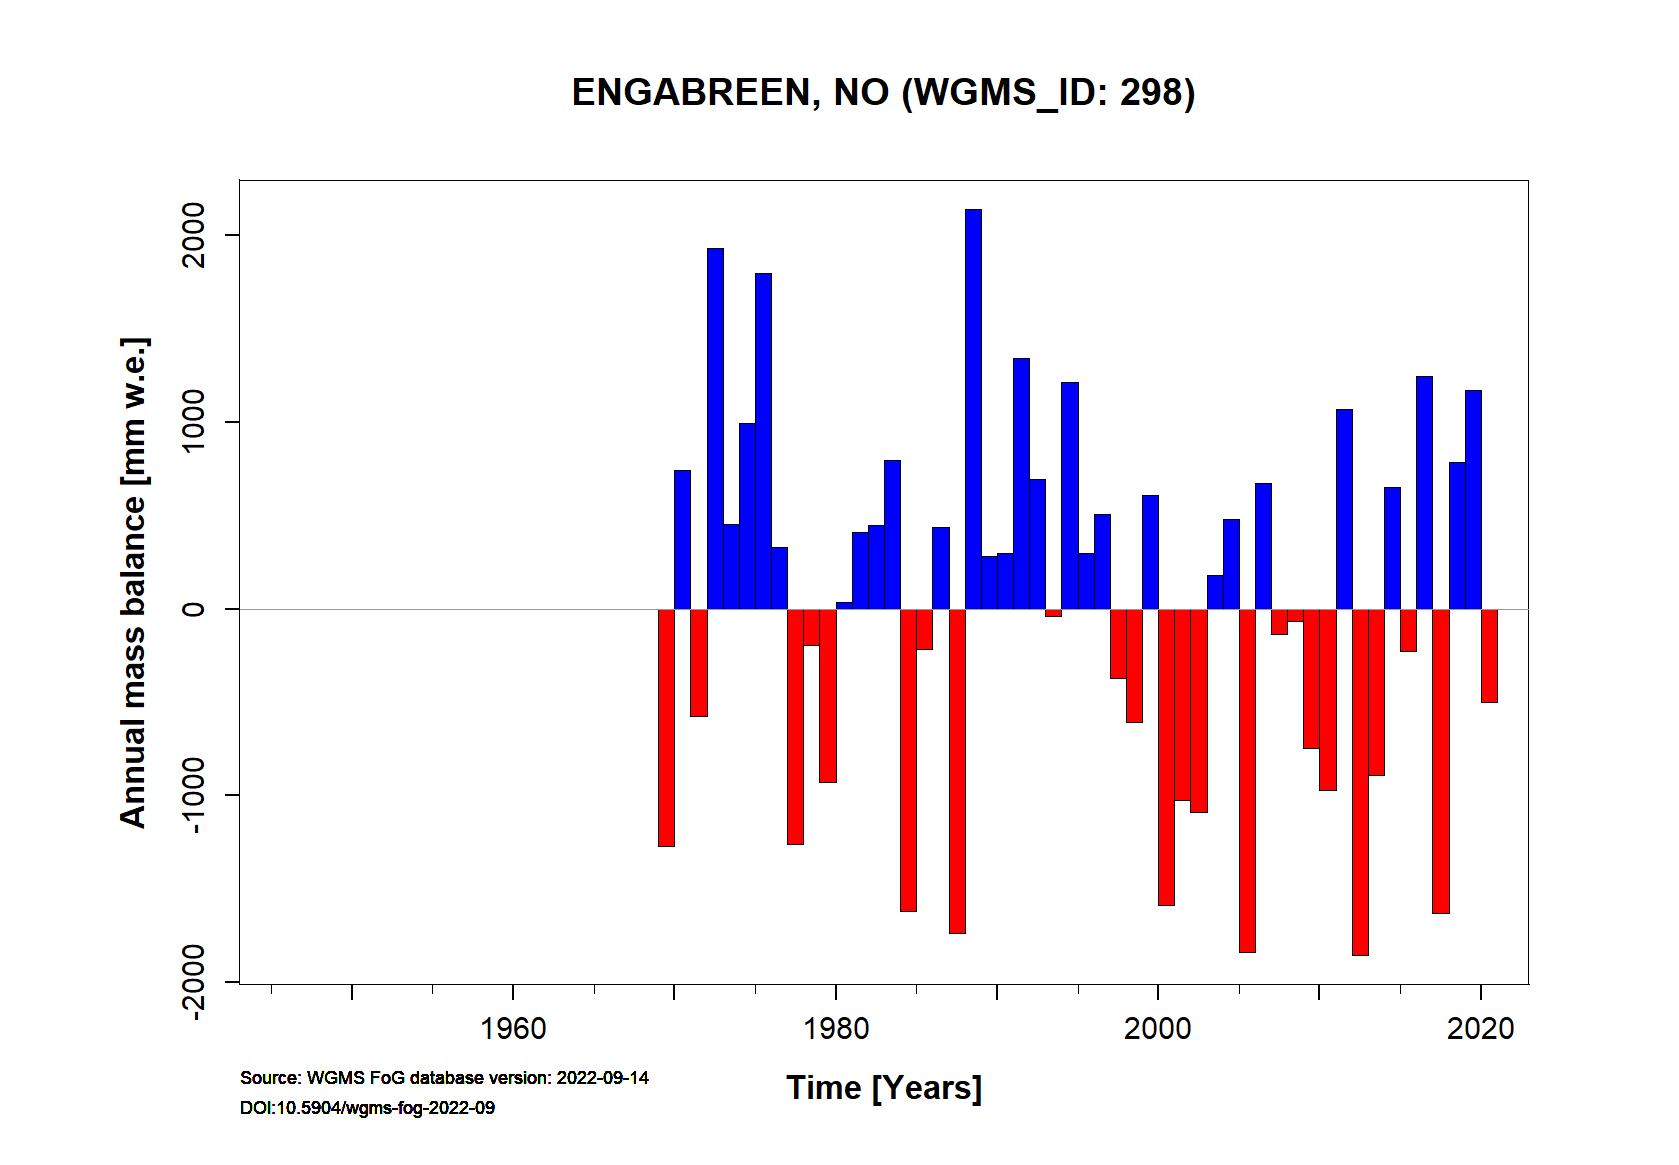 Engabreen Annual Mass Balance (WGMS, 2016)